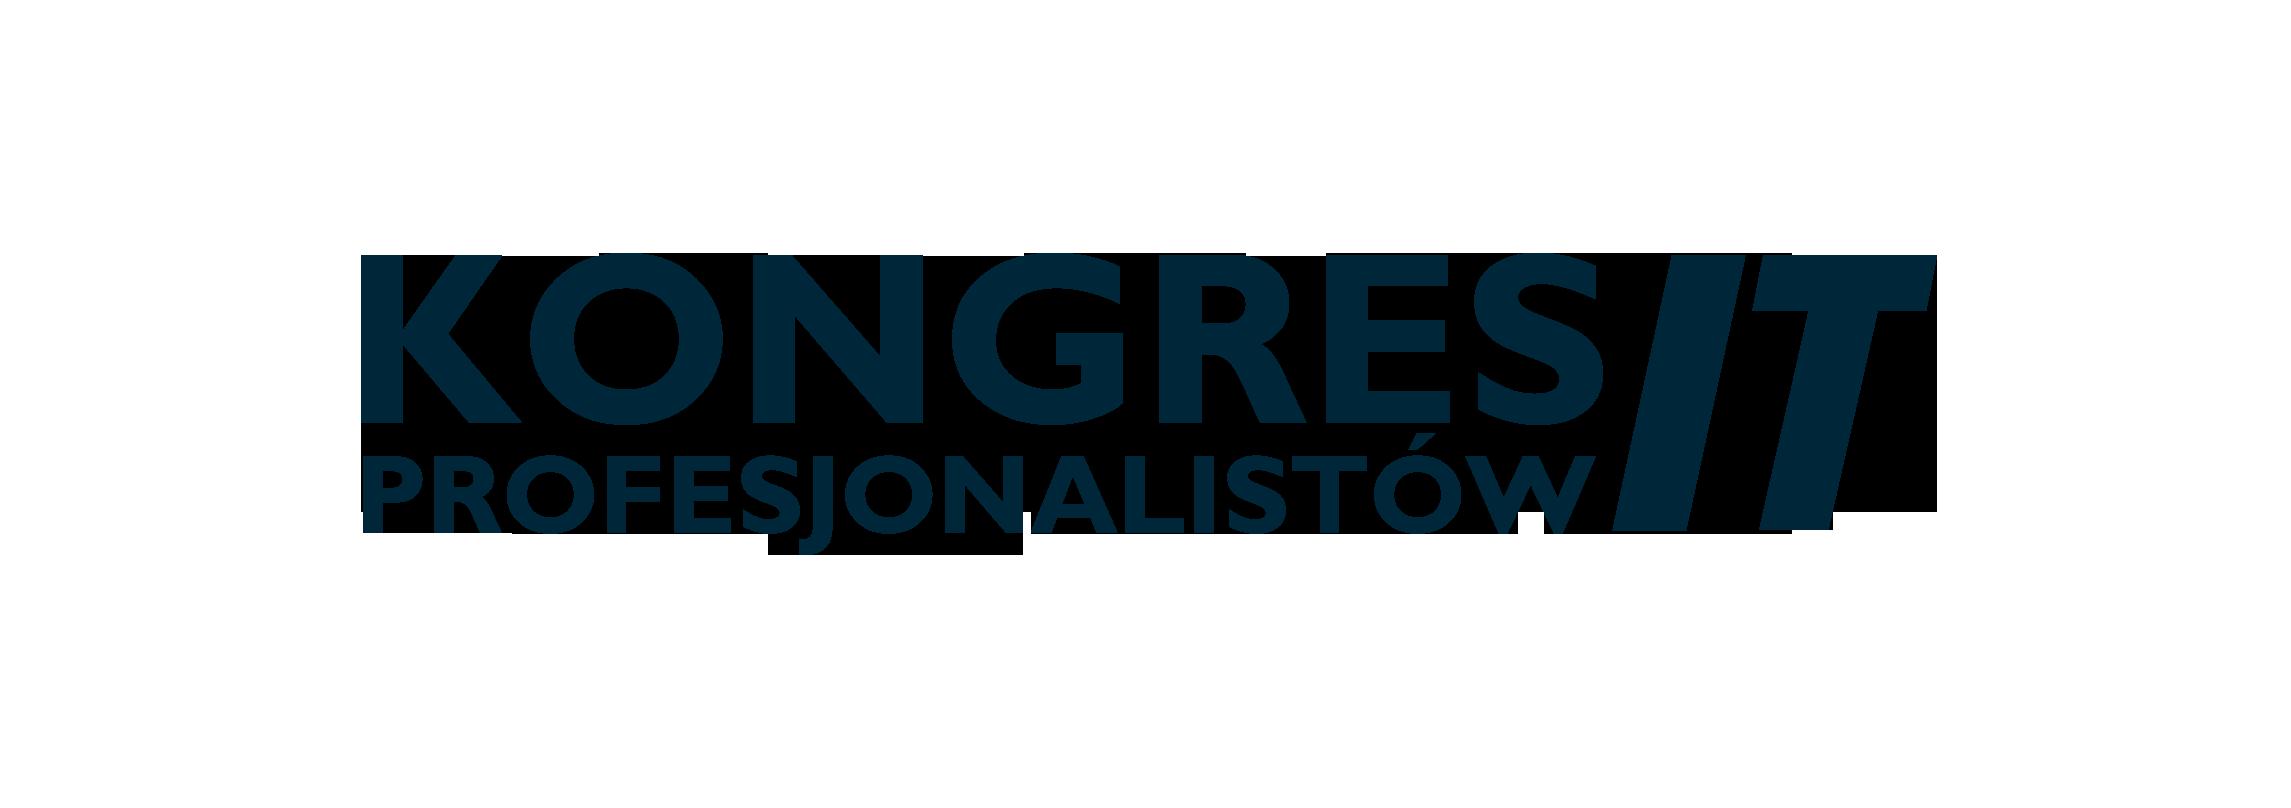 Kongres Profesjonalistów IT 2017